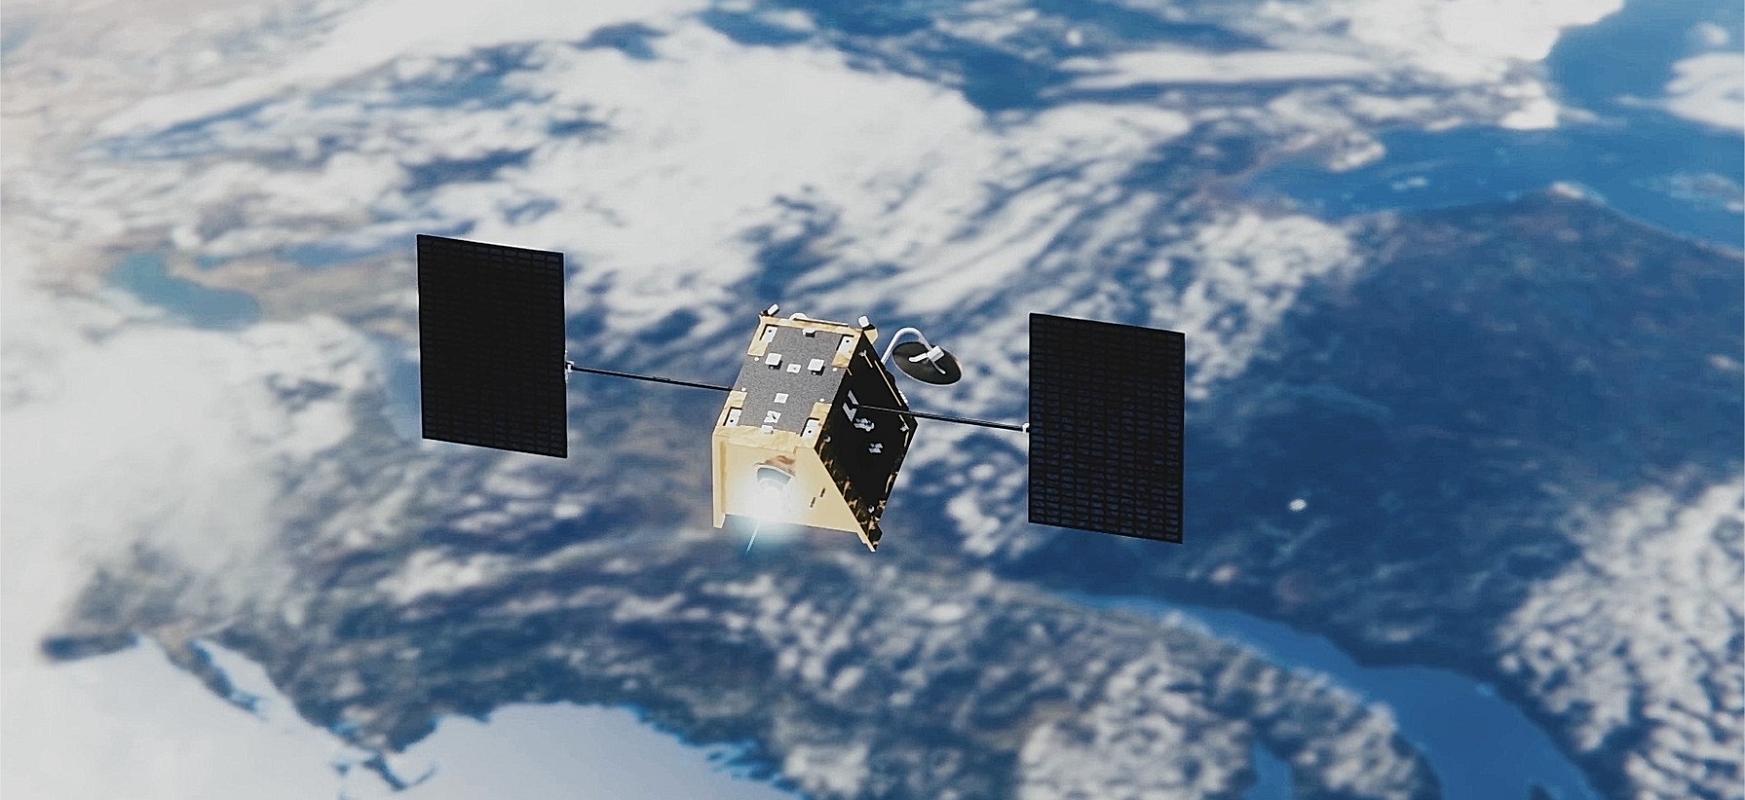 Porrotaren OneWeb fitxategiak.  650 sateliteetatik 74 orbitan jarri zituen